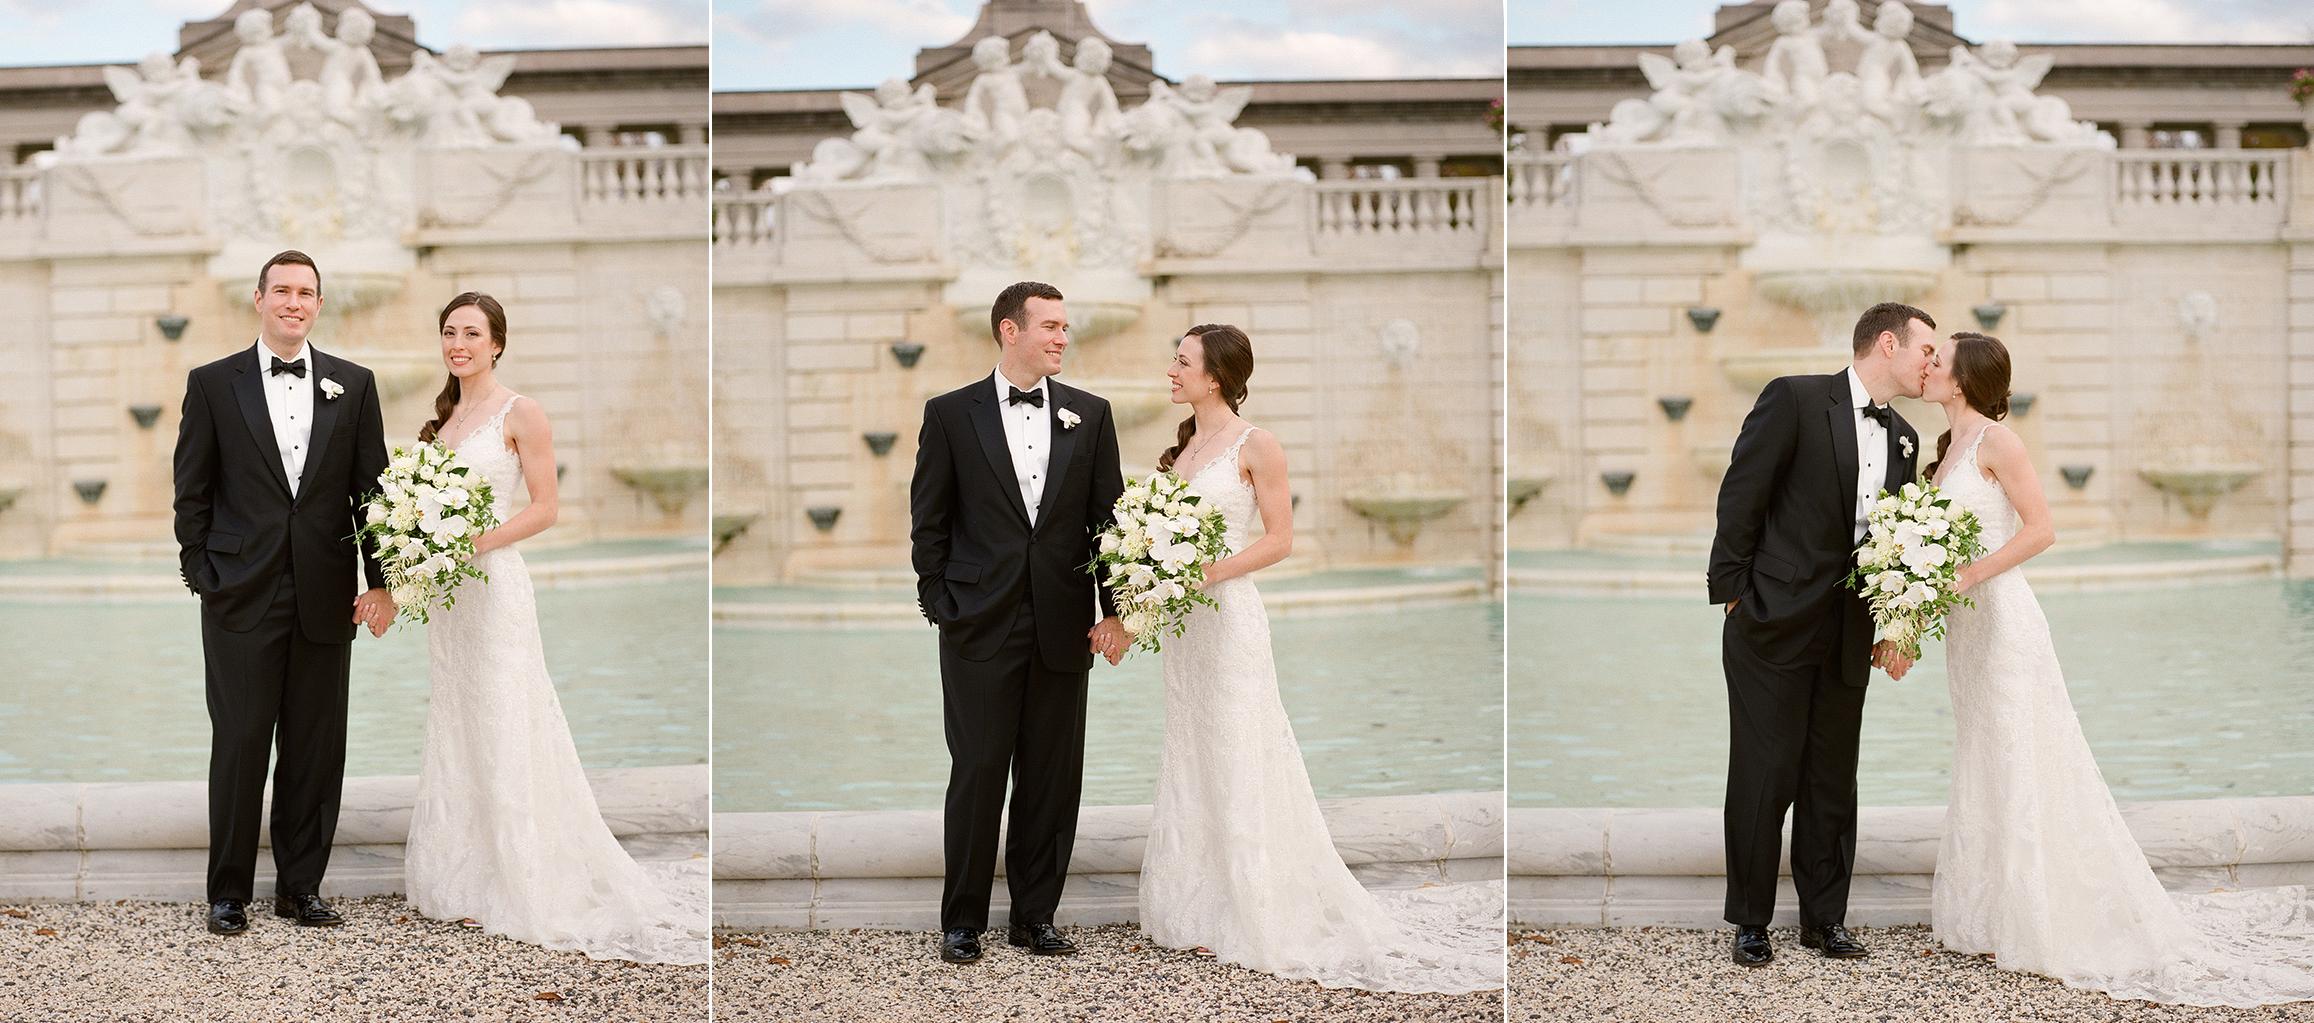 Nemours-Delaware-Art-Museum-Fall-Film-Wedding-Photographer-043.jpg